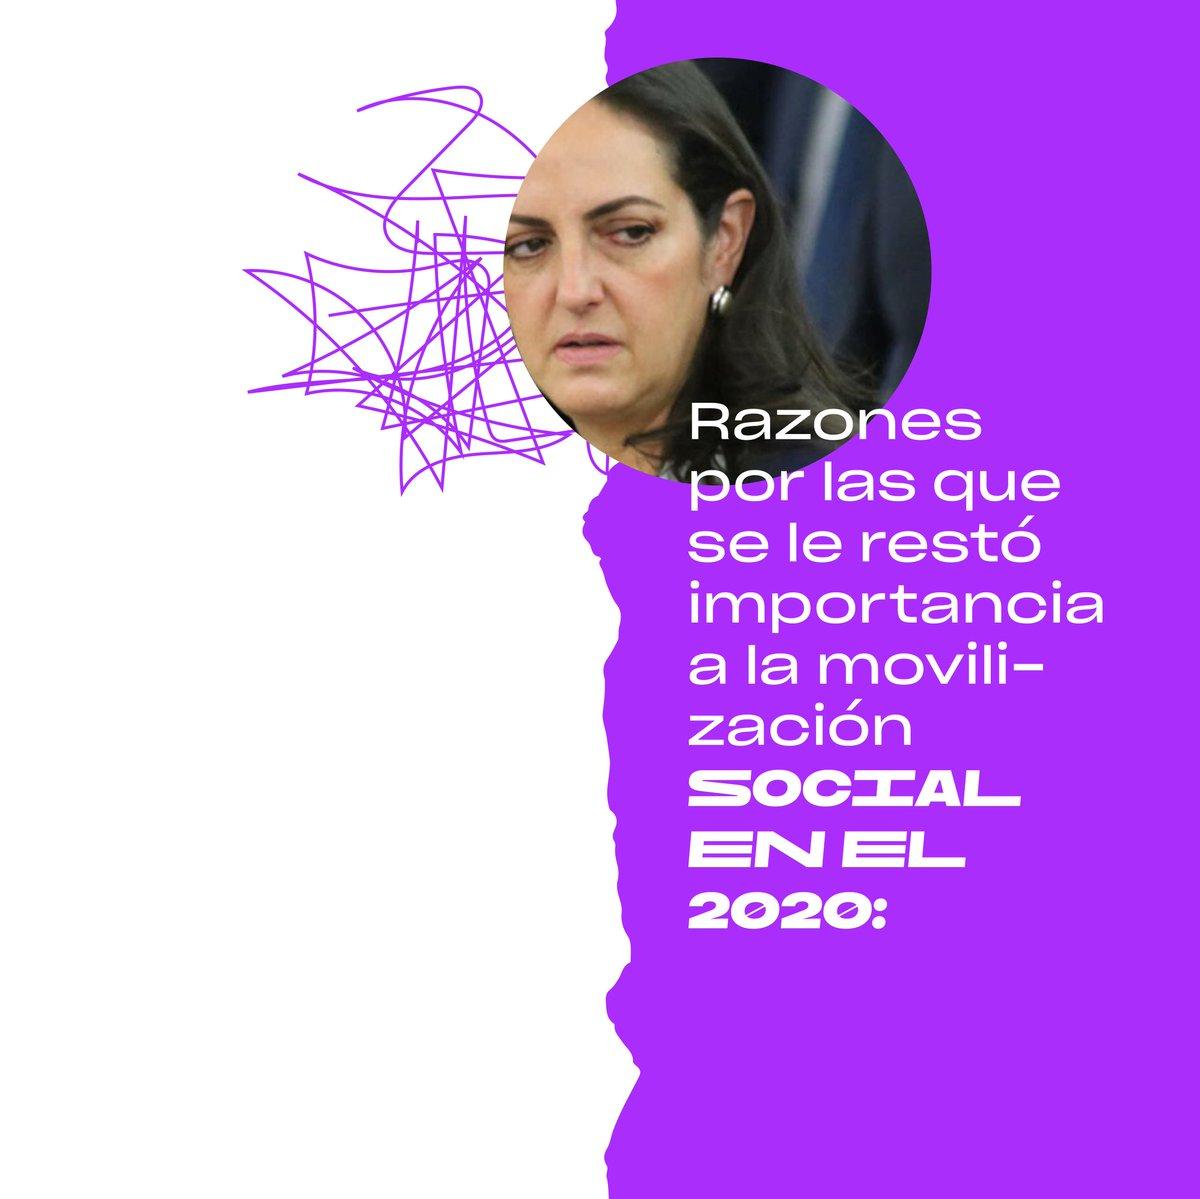 Según #HablemosDeMovilización, informe de @MutanteOrg, las personas no salieron a protestar por tres razones principales en 2020. La frase de la senadora @MariaFdaCabal sigue estigmatizando la protesta.  Algunxs de nuestrxs senadorxs no entienden: la protesta construye democracia